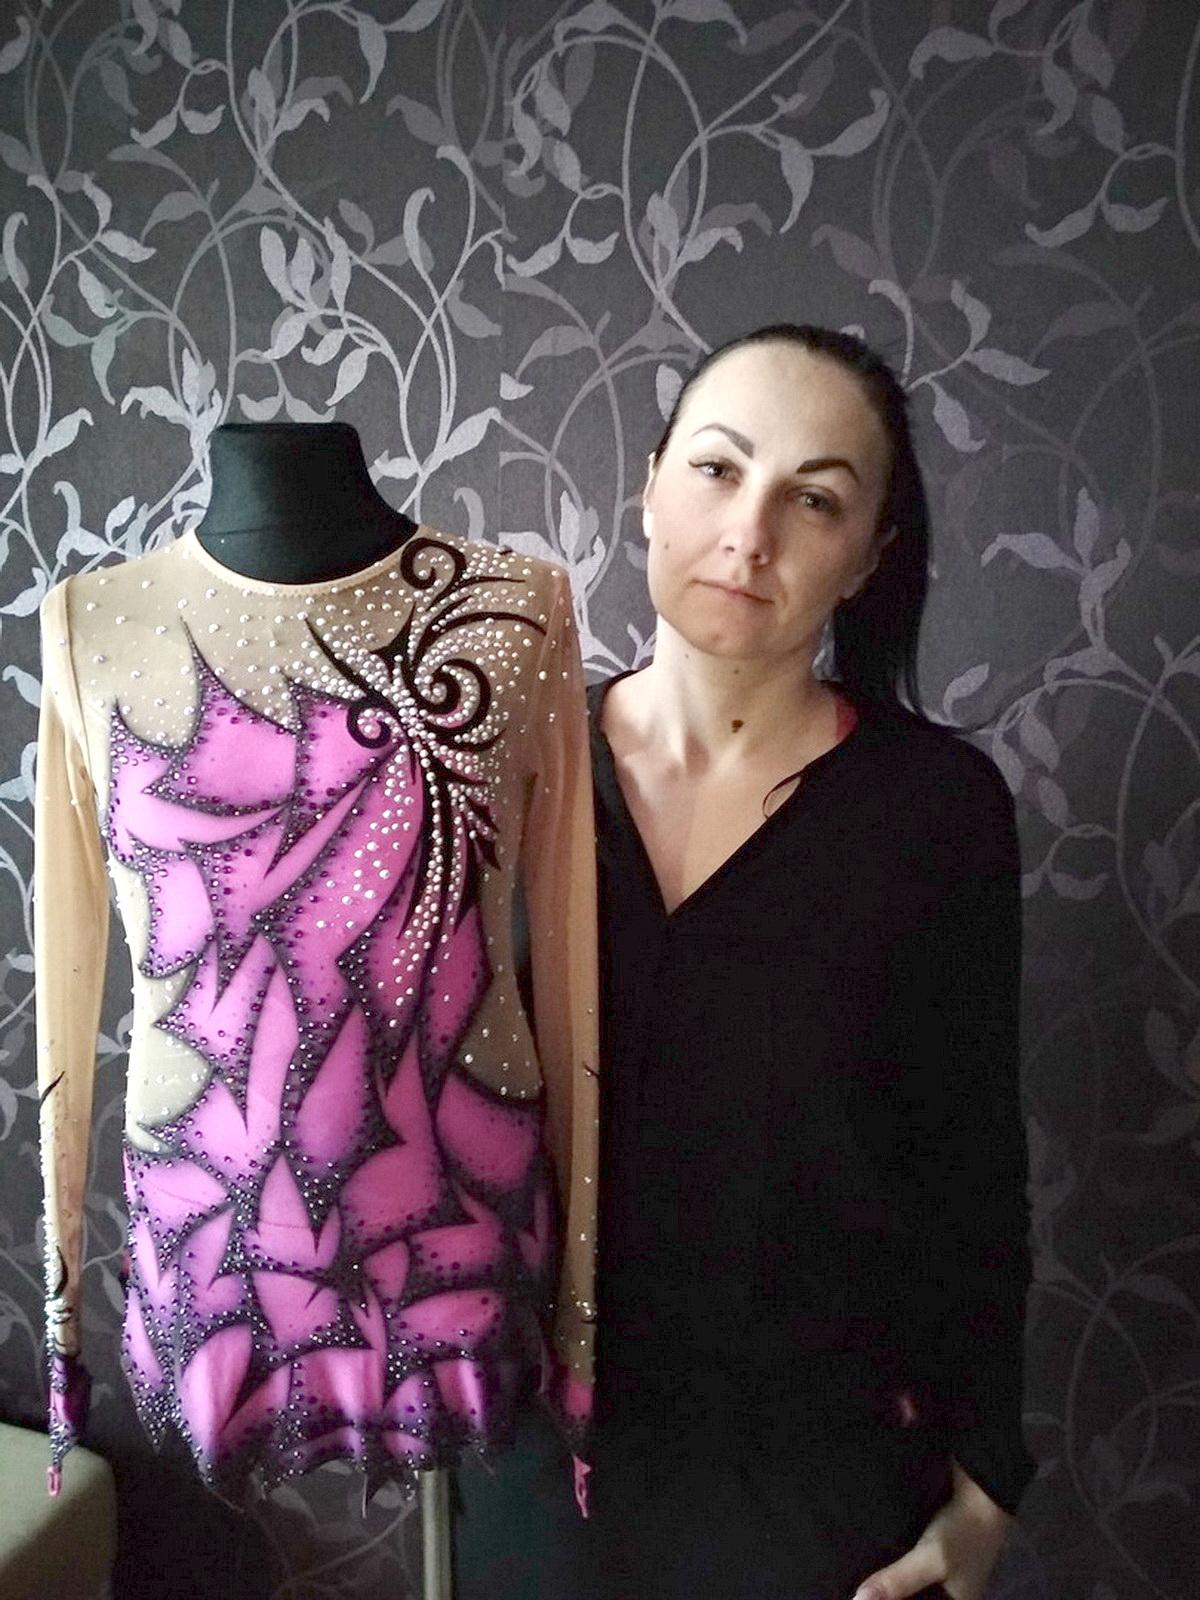 На создание гимнастического костюма, который Мария Скидан шила для спортсменки из Витебска, ушло около месяца. Фото: личный архив